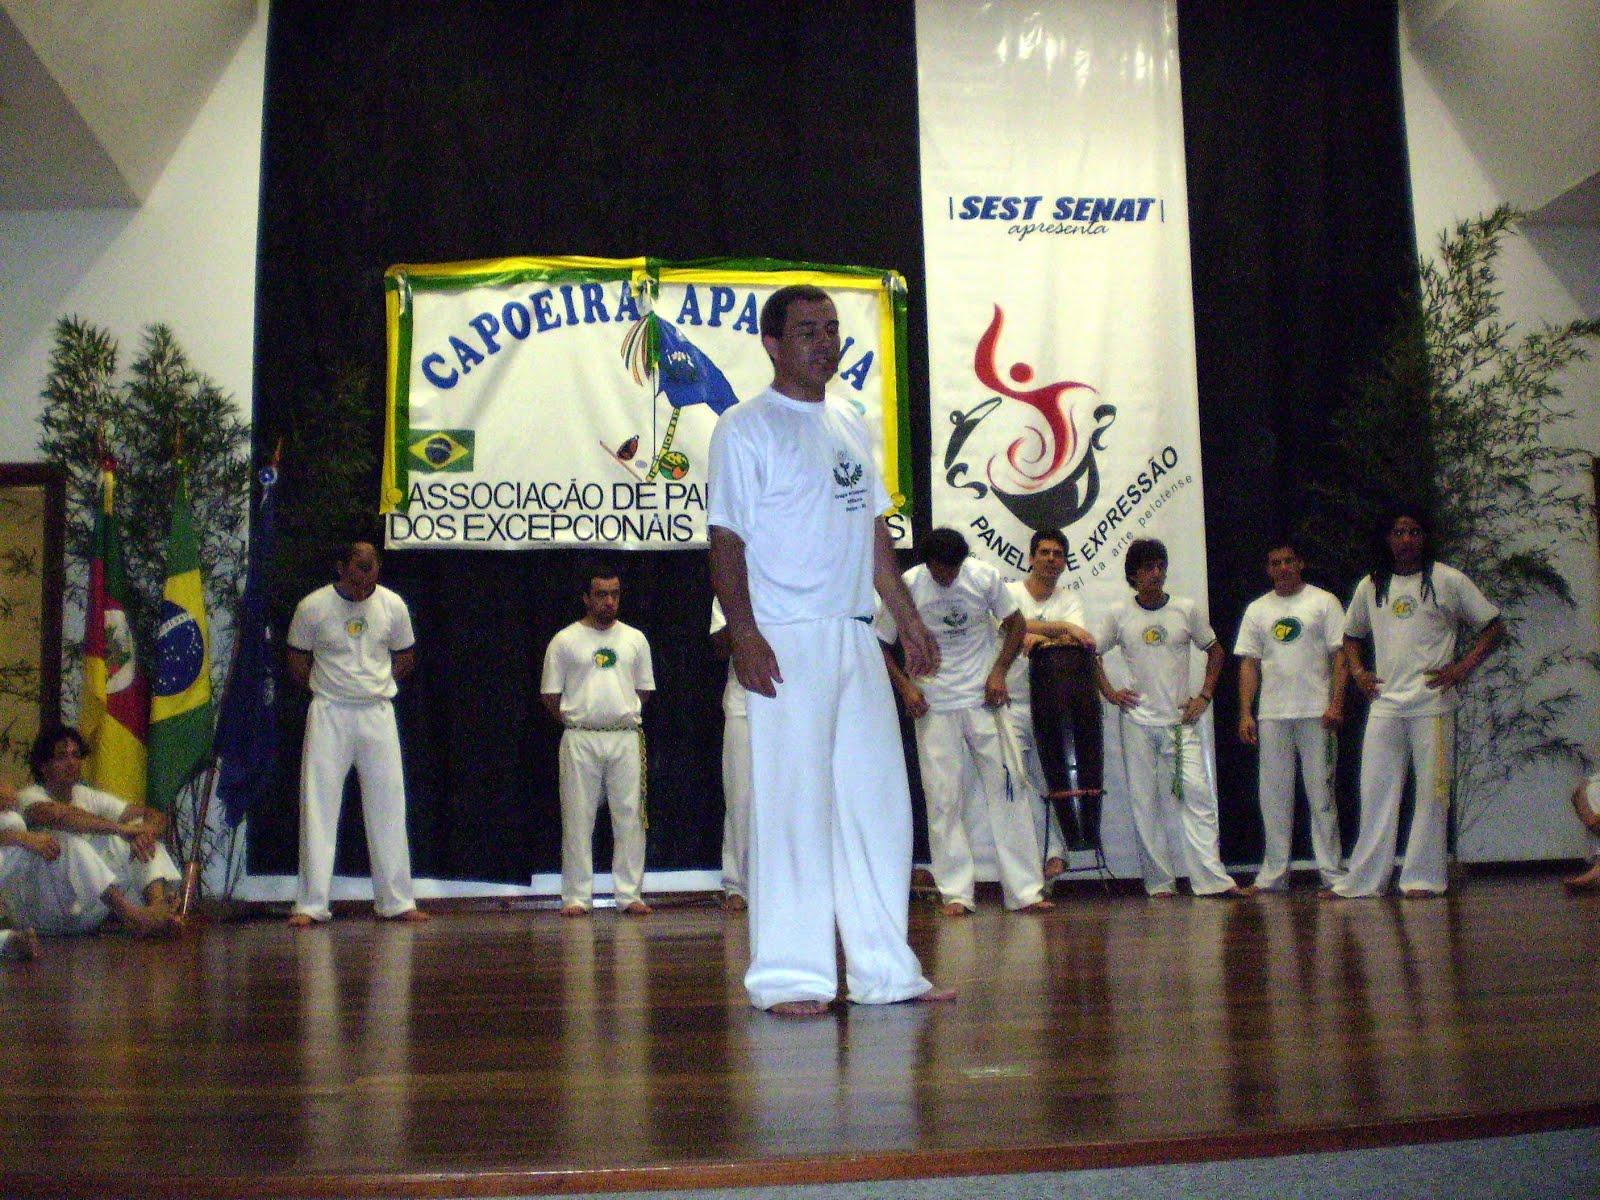 CAPOEIRA APAEANA 2007